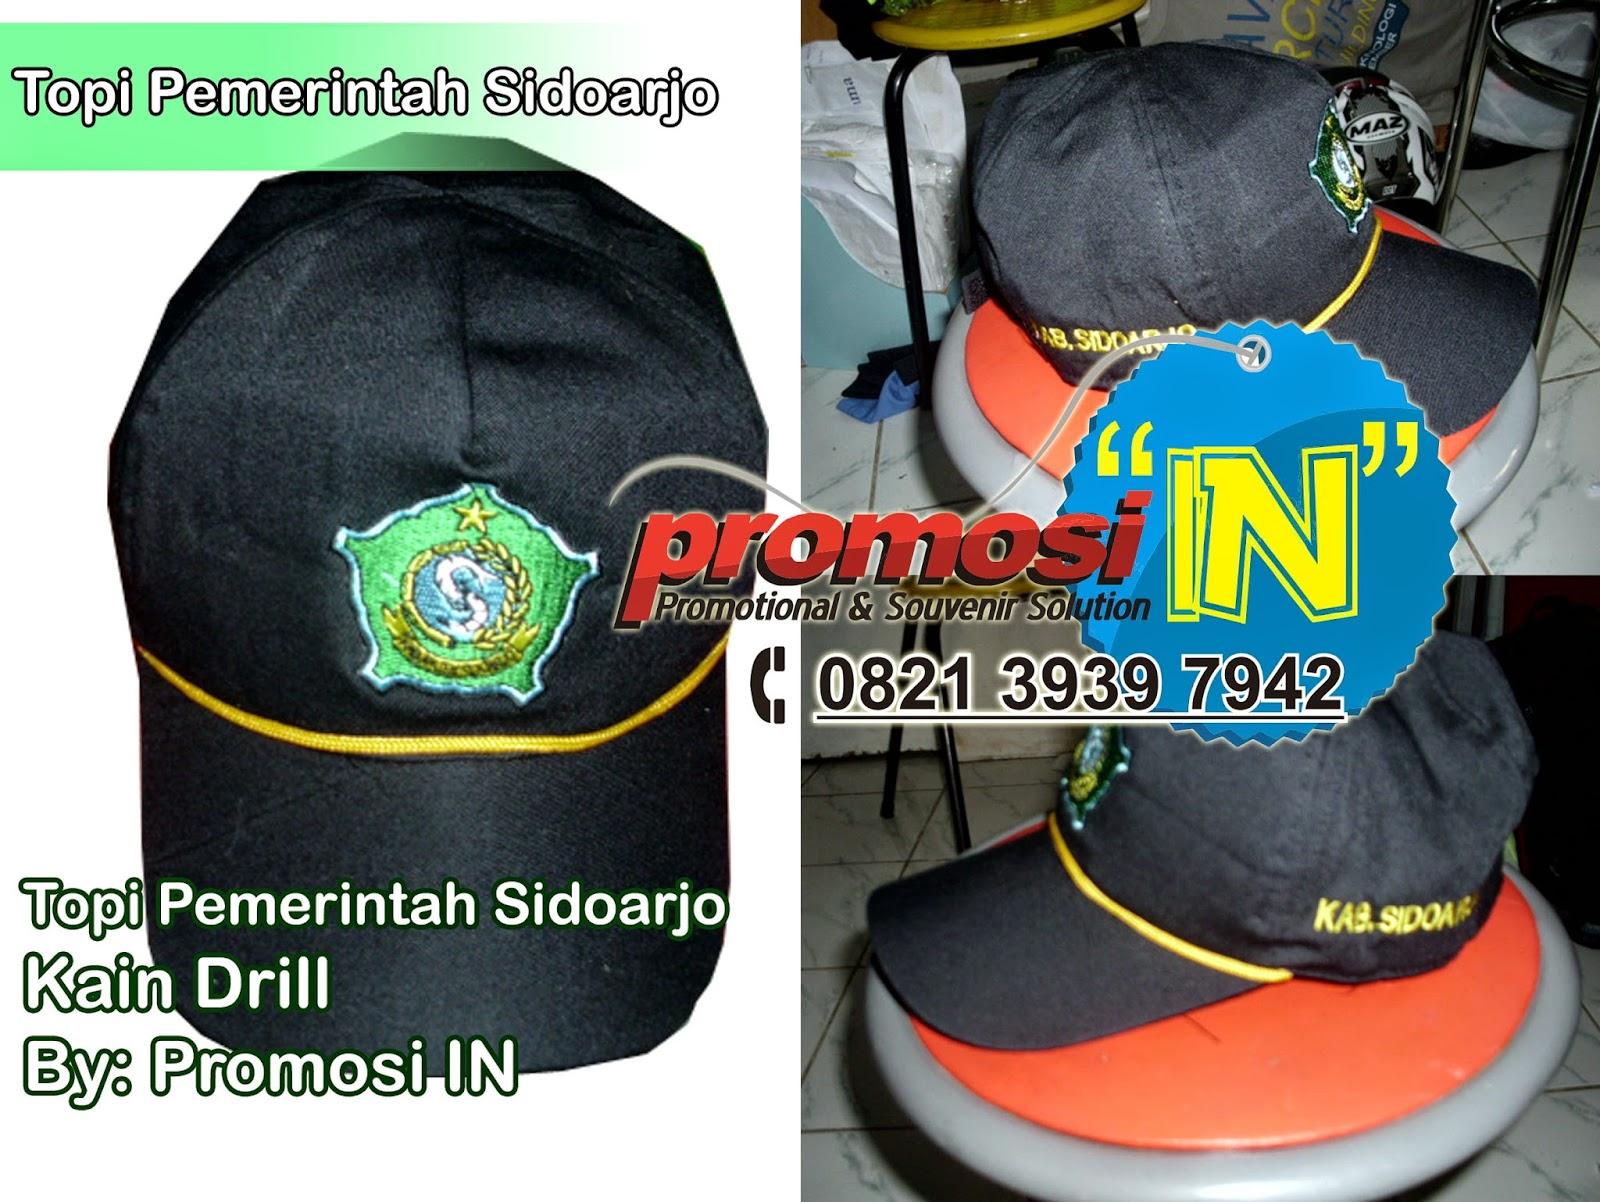 Topi, Topi Murah Surabaya, Topi Online, Topi Pemerintah,